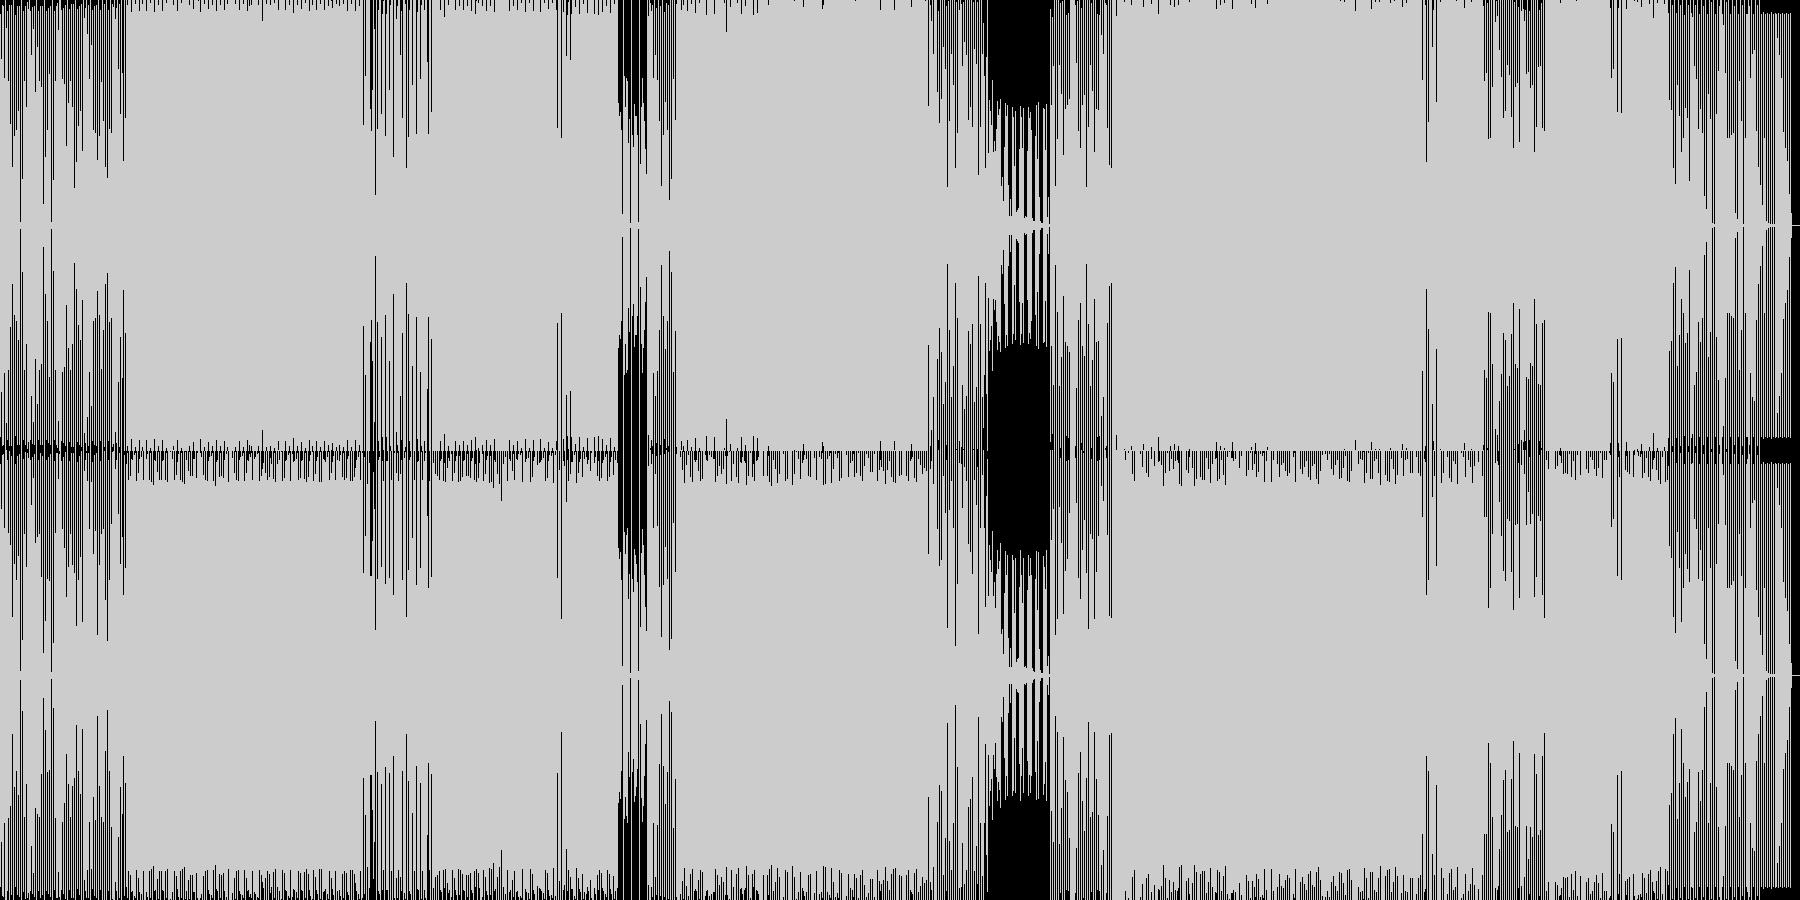 跳ねてるミニマルハウスの未再生の波形